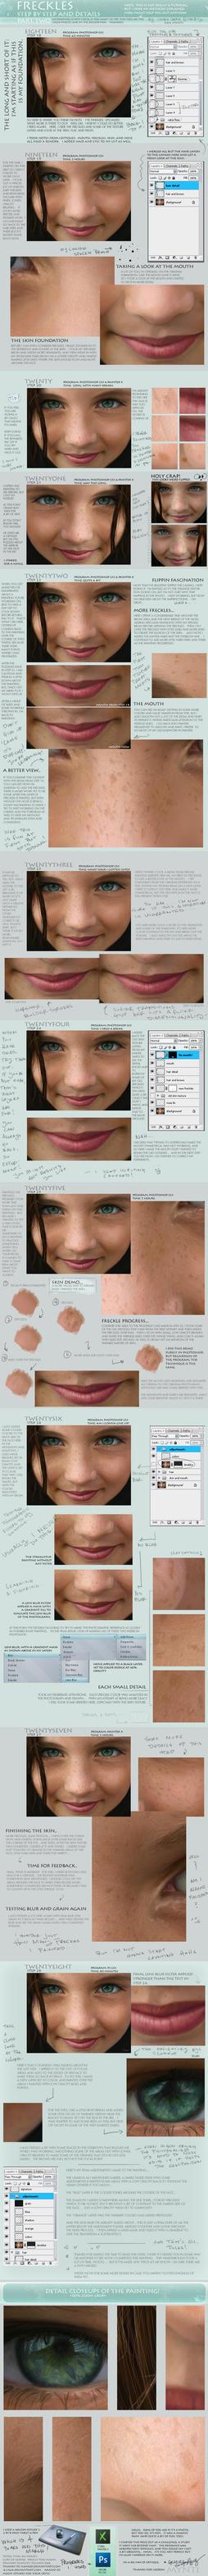 Freckles Walkthrough Pt 2 by mynti